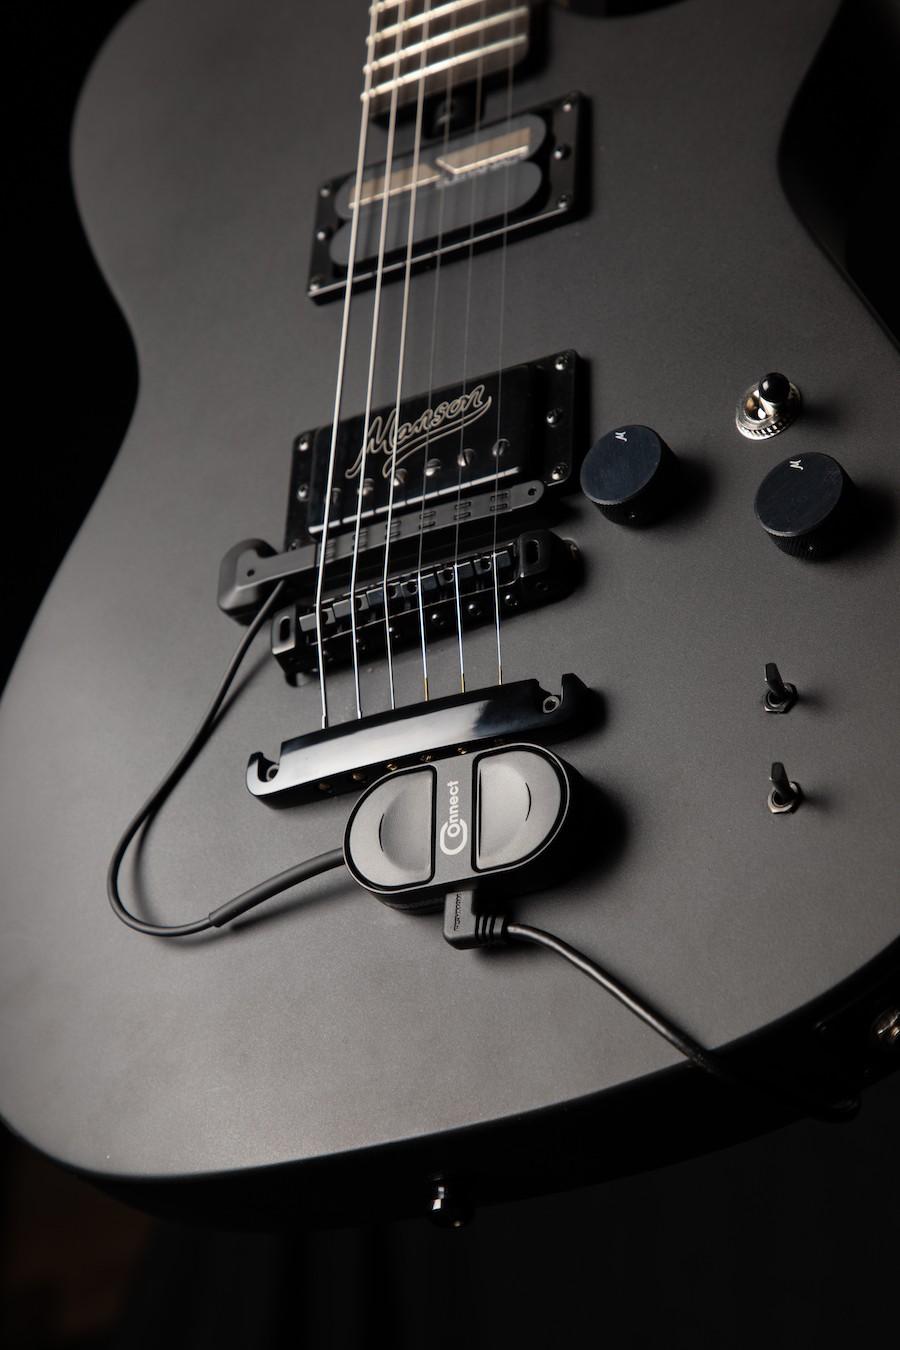 MUSE_guitar_2.jpg